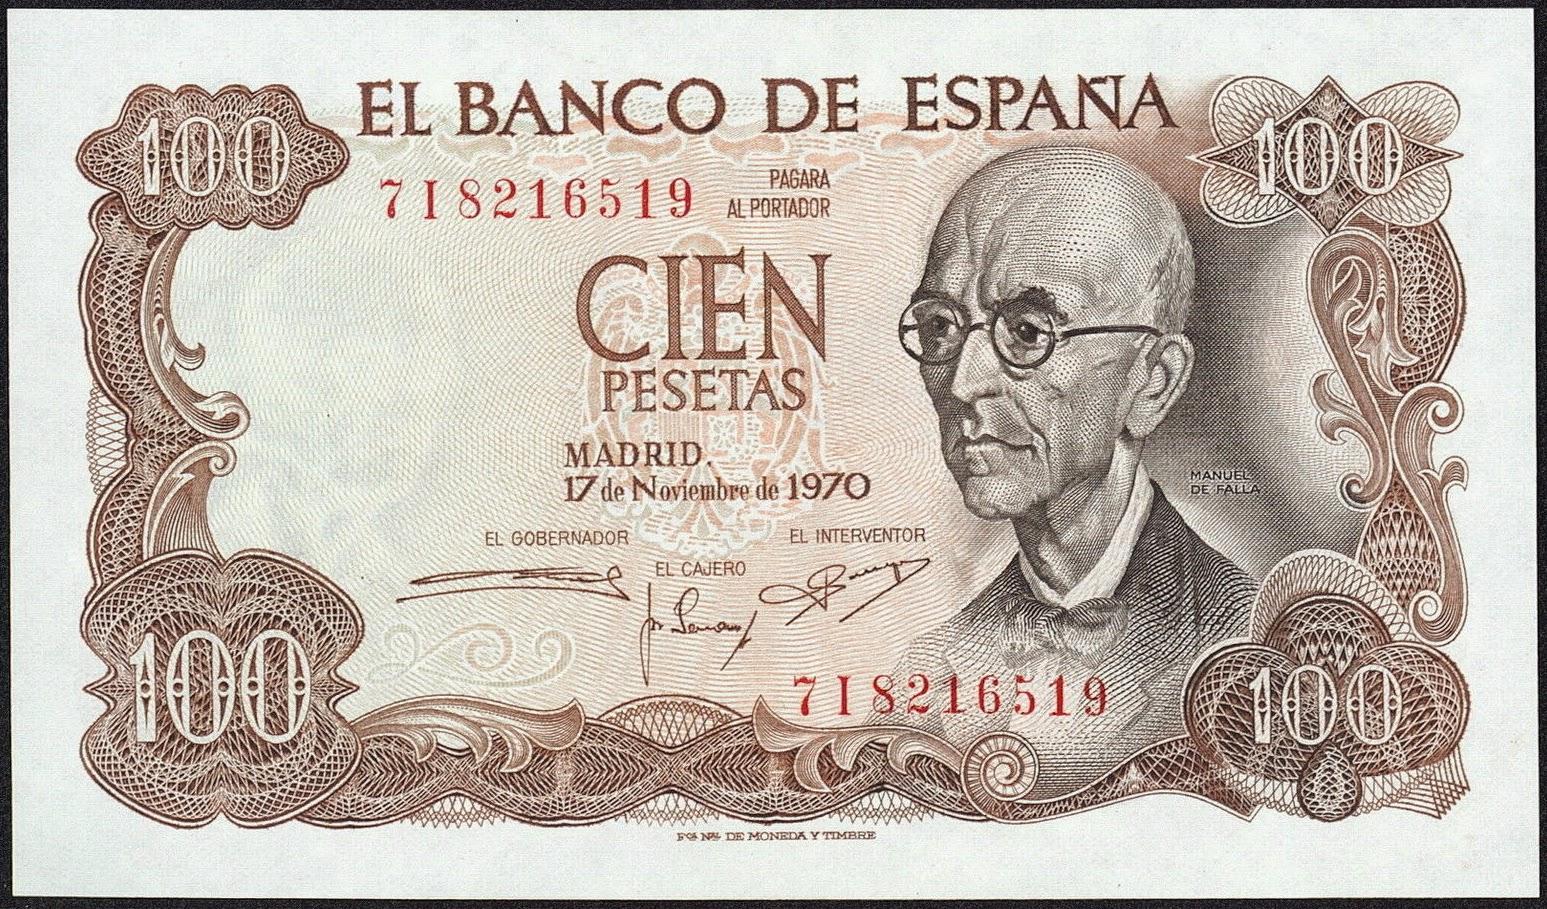 Spain Banknotes 100 Pesetas banknote 1970 Composer Manuel de Falla